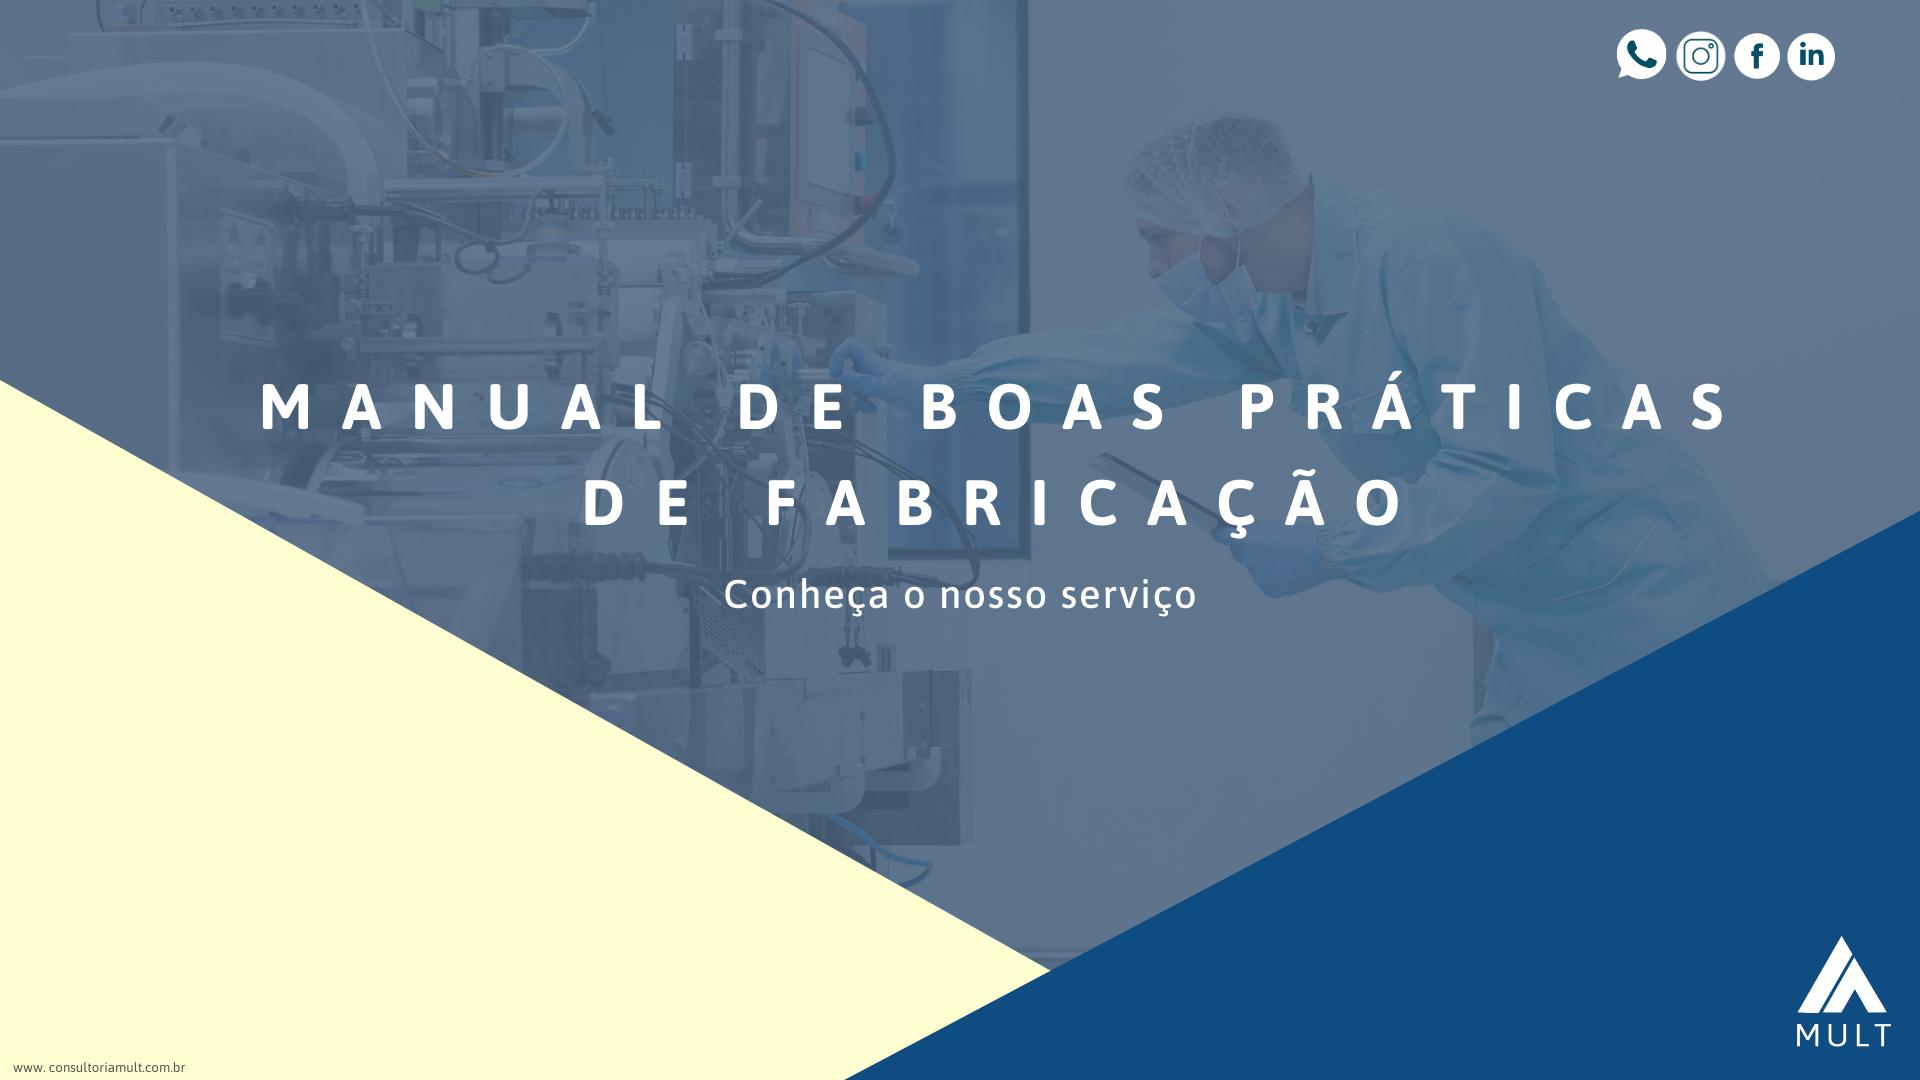 capa e-book manual de boas práticas de fabricação